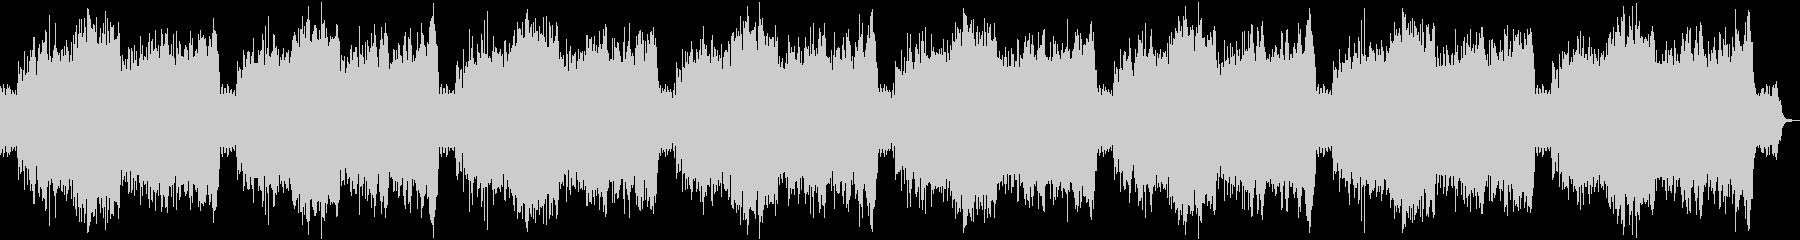 企業VP3 15分16bit44kVerの未再生の波形